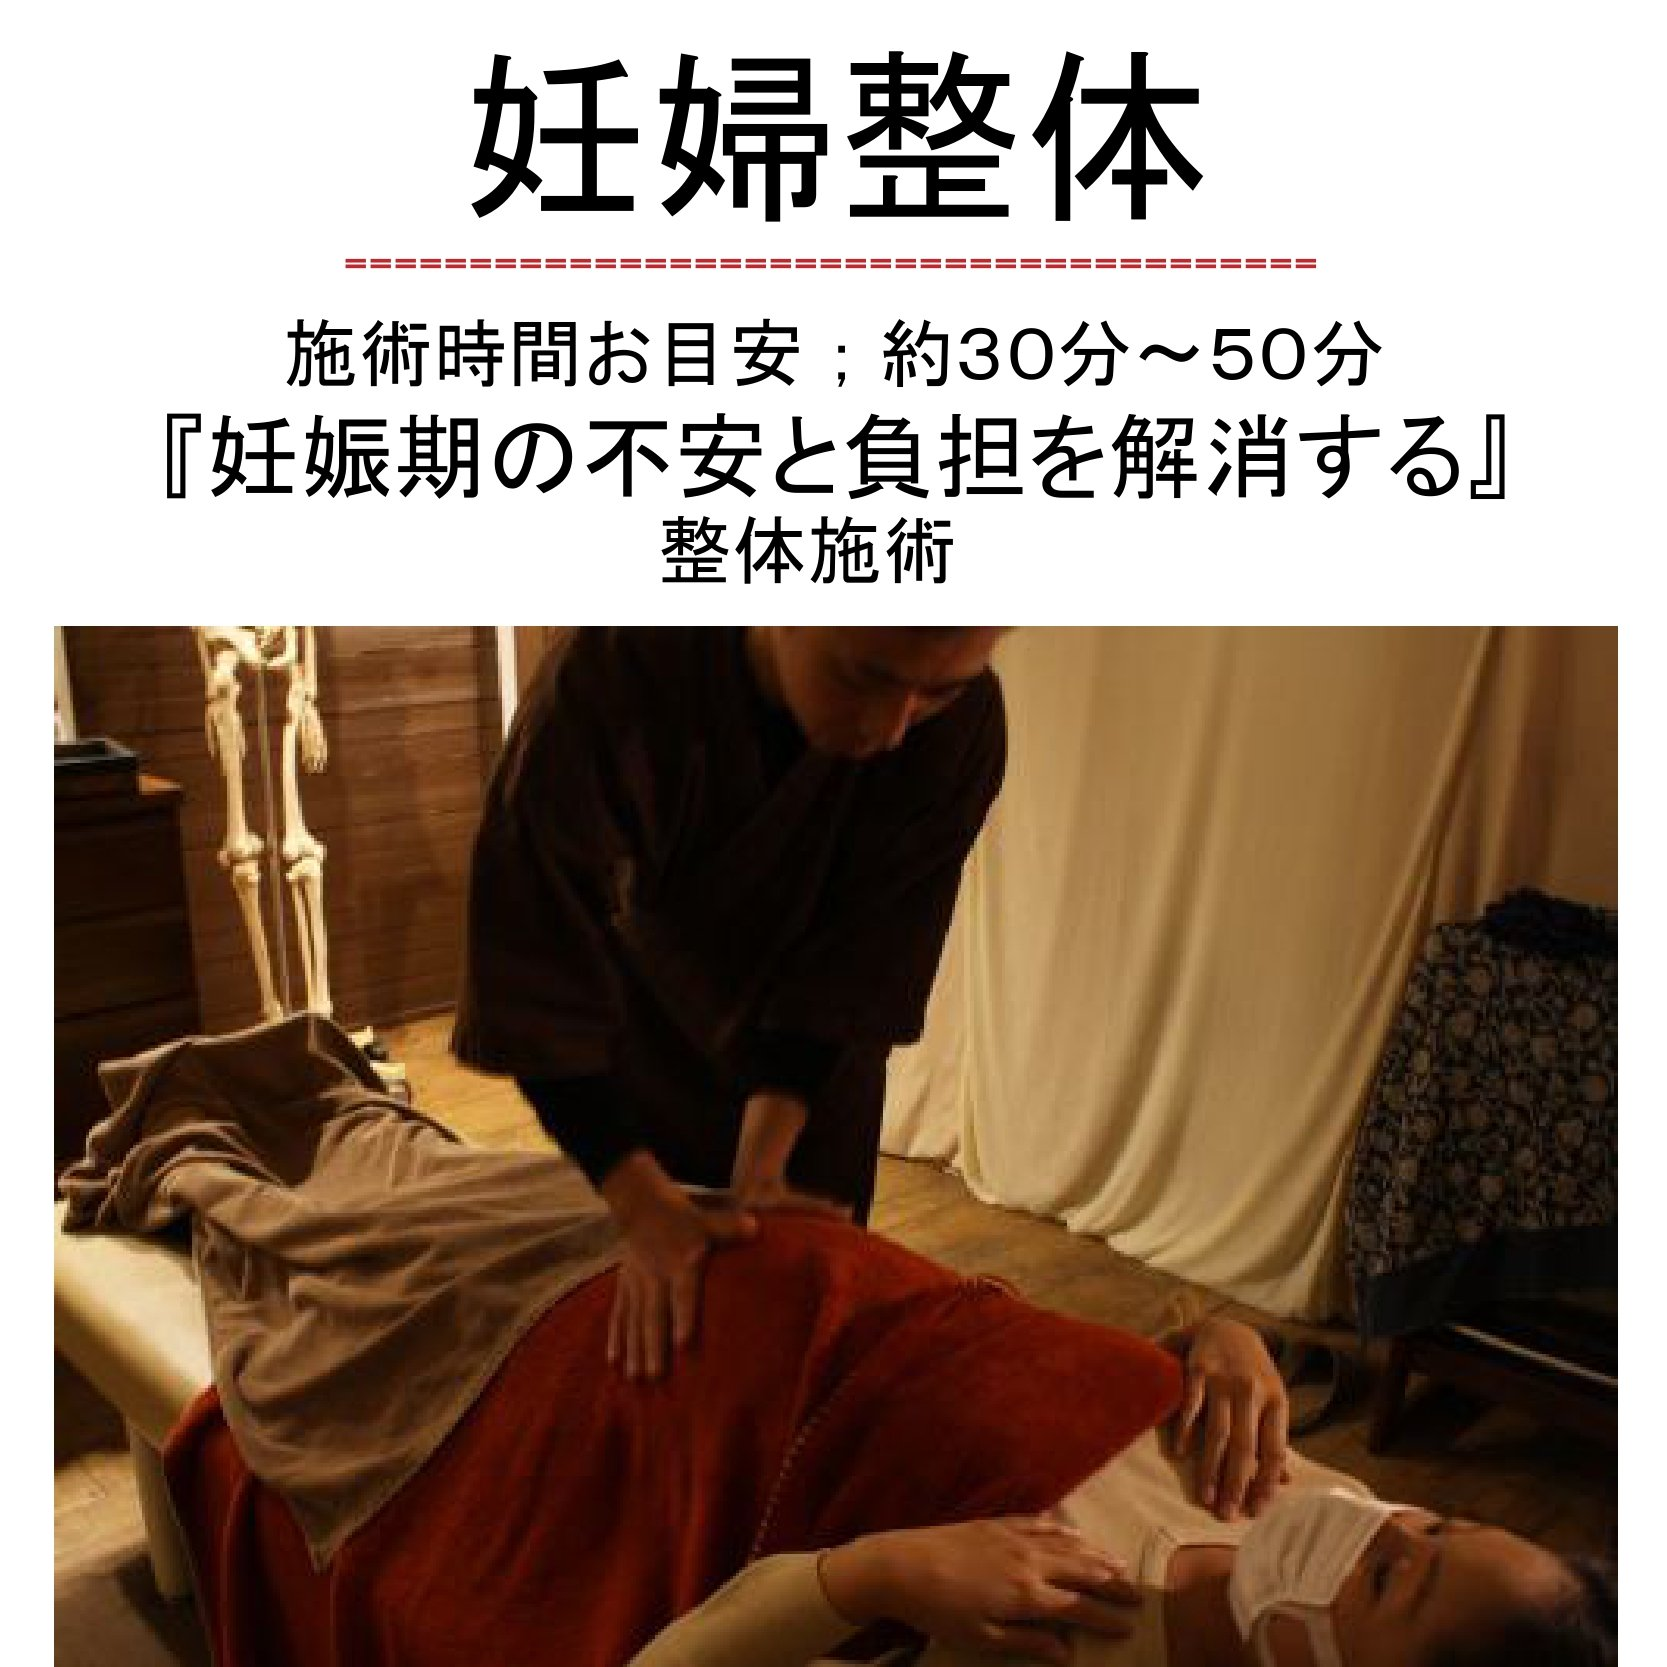 妊婦整体「妊娠期の不安と負担を解消する」整体施術のイメージその1